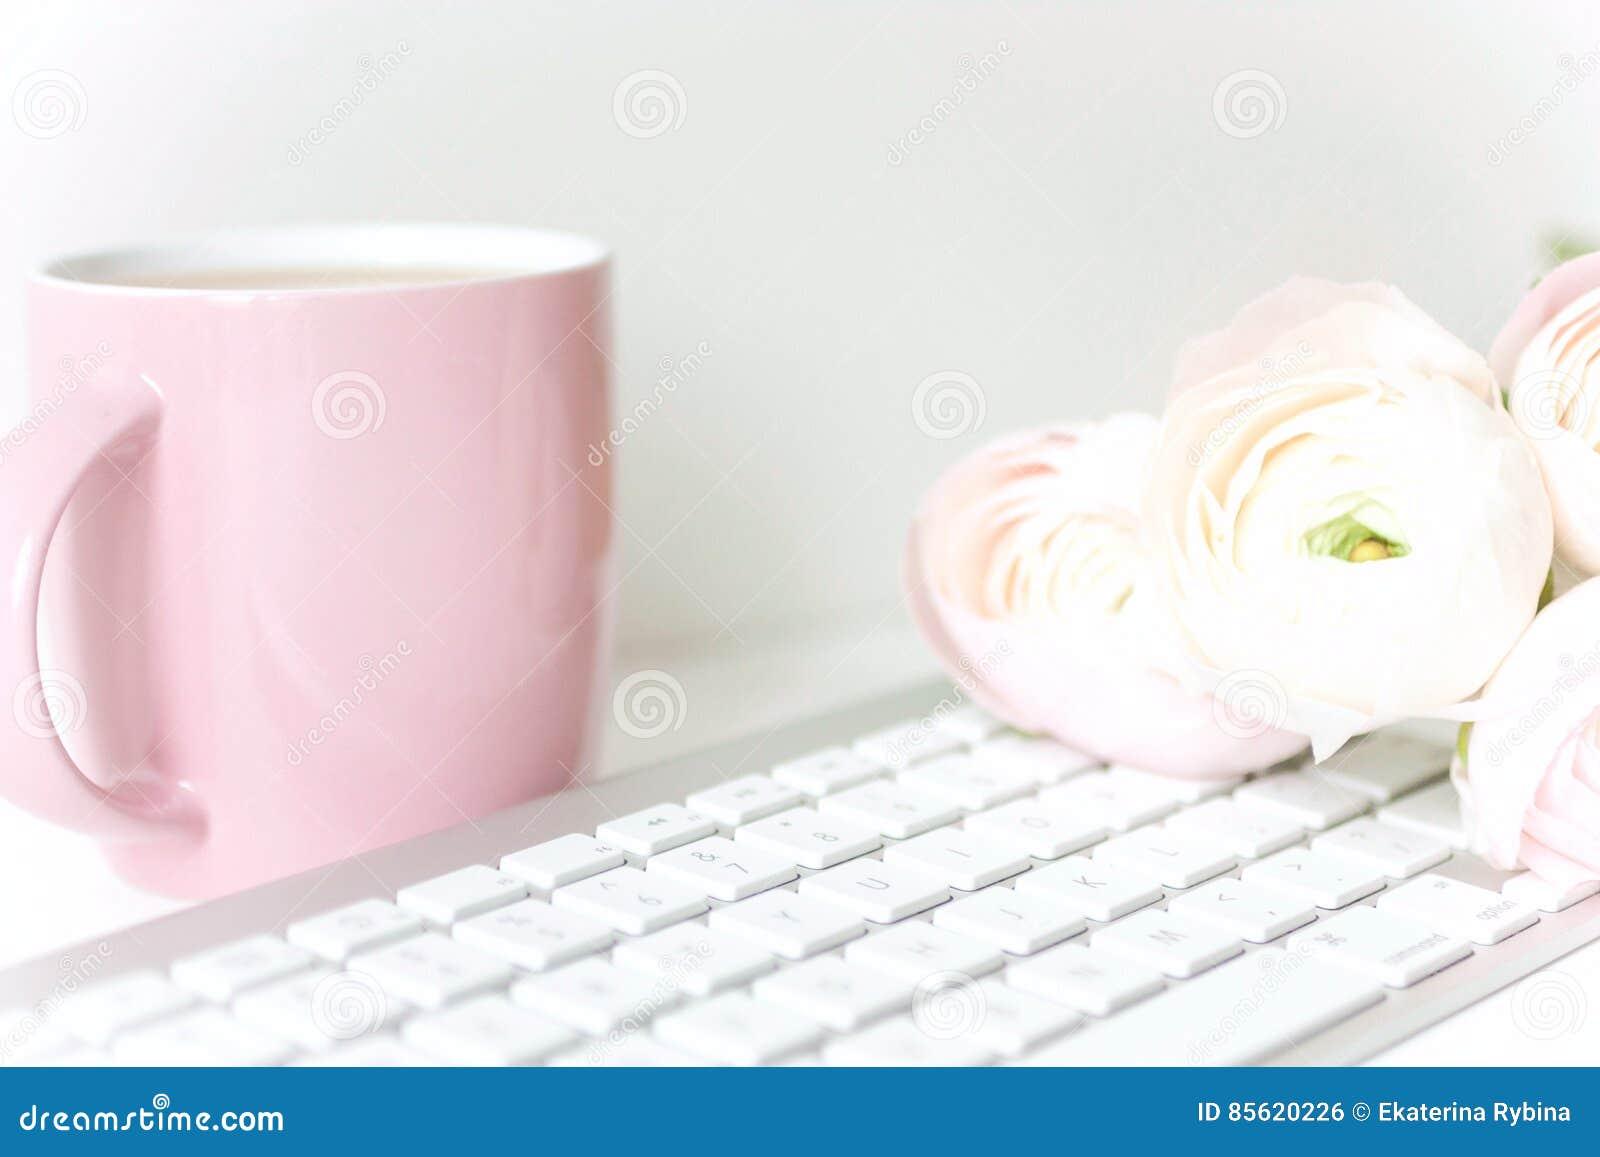 Composición diseñada con ranunculos rosados